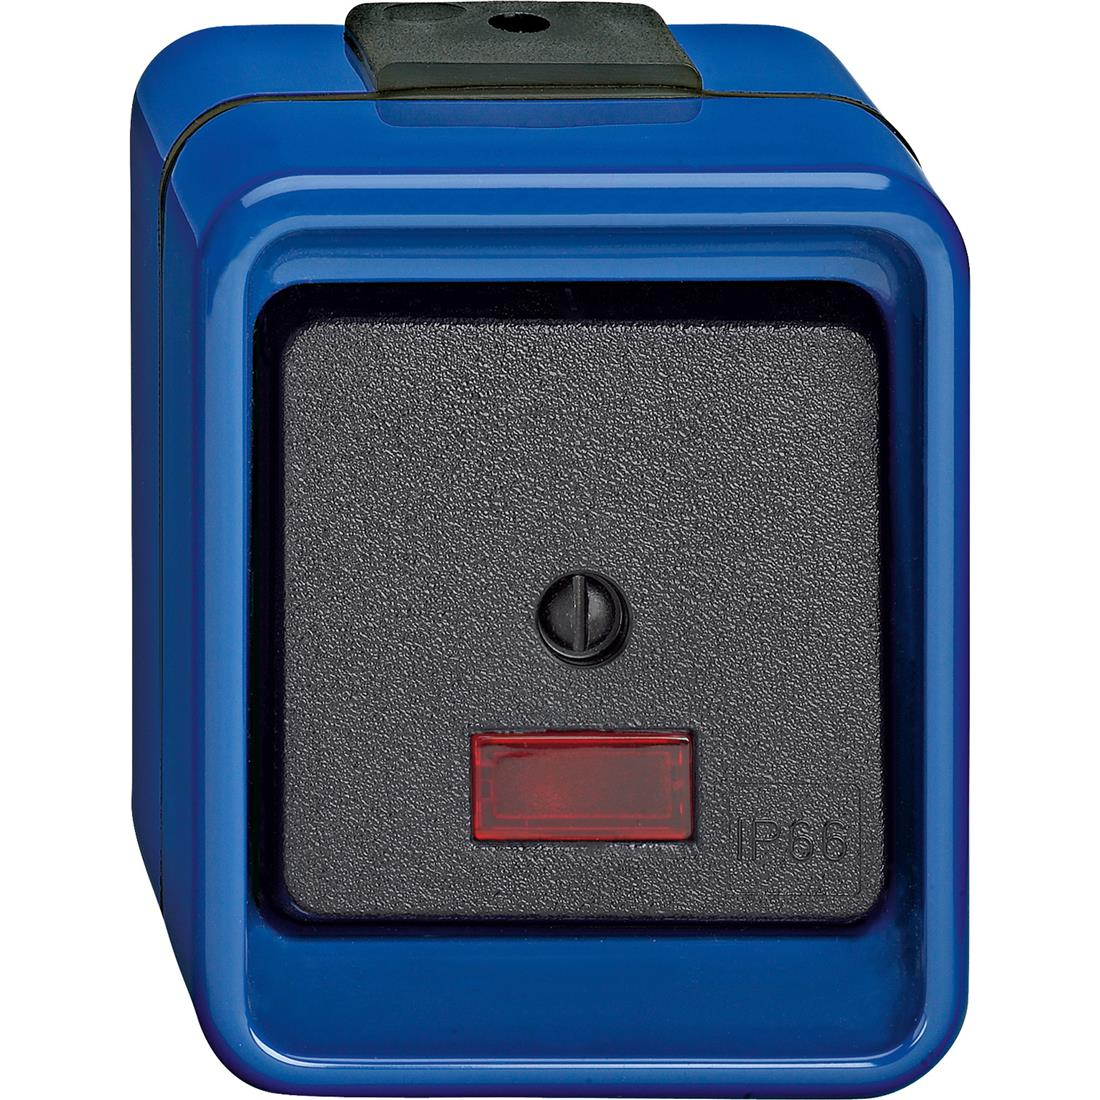 Schneider-Merten Slagvast 1-polig impulsdrukker - blauw (375975)